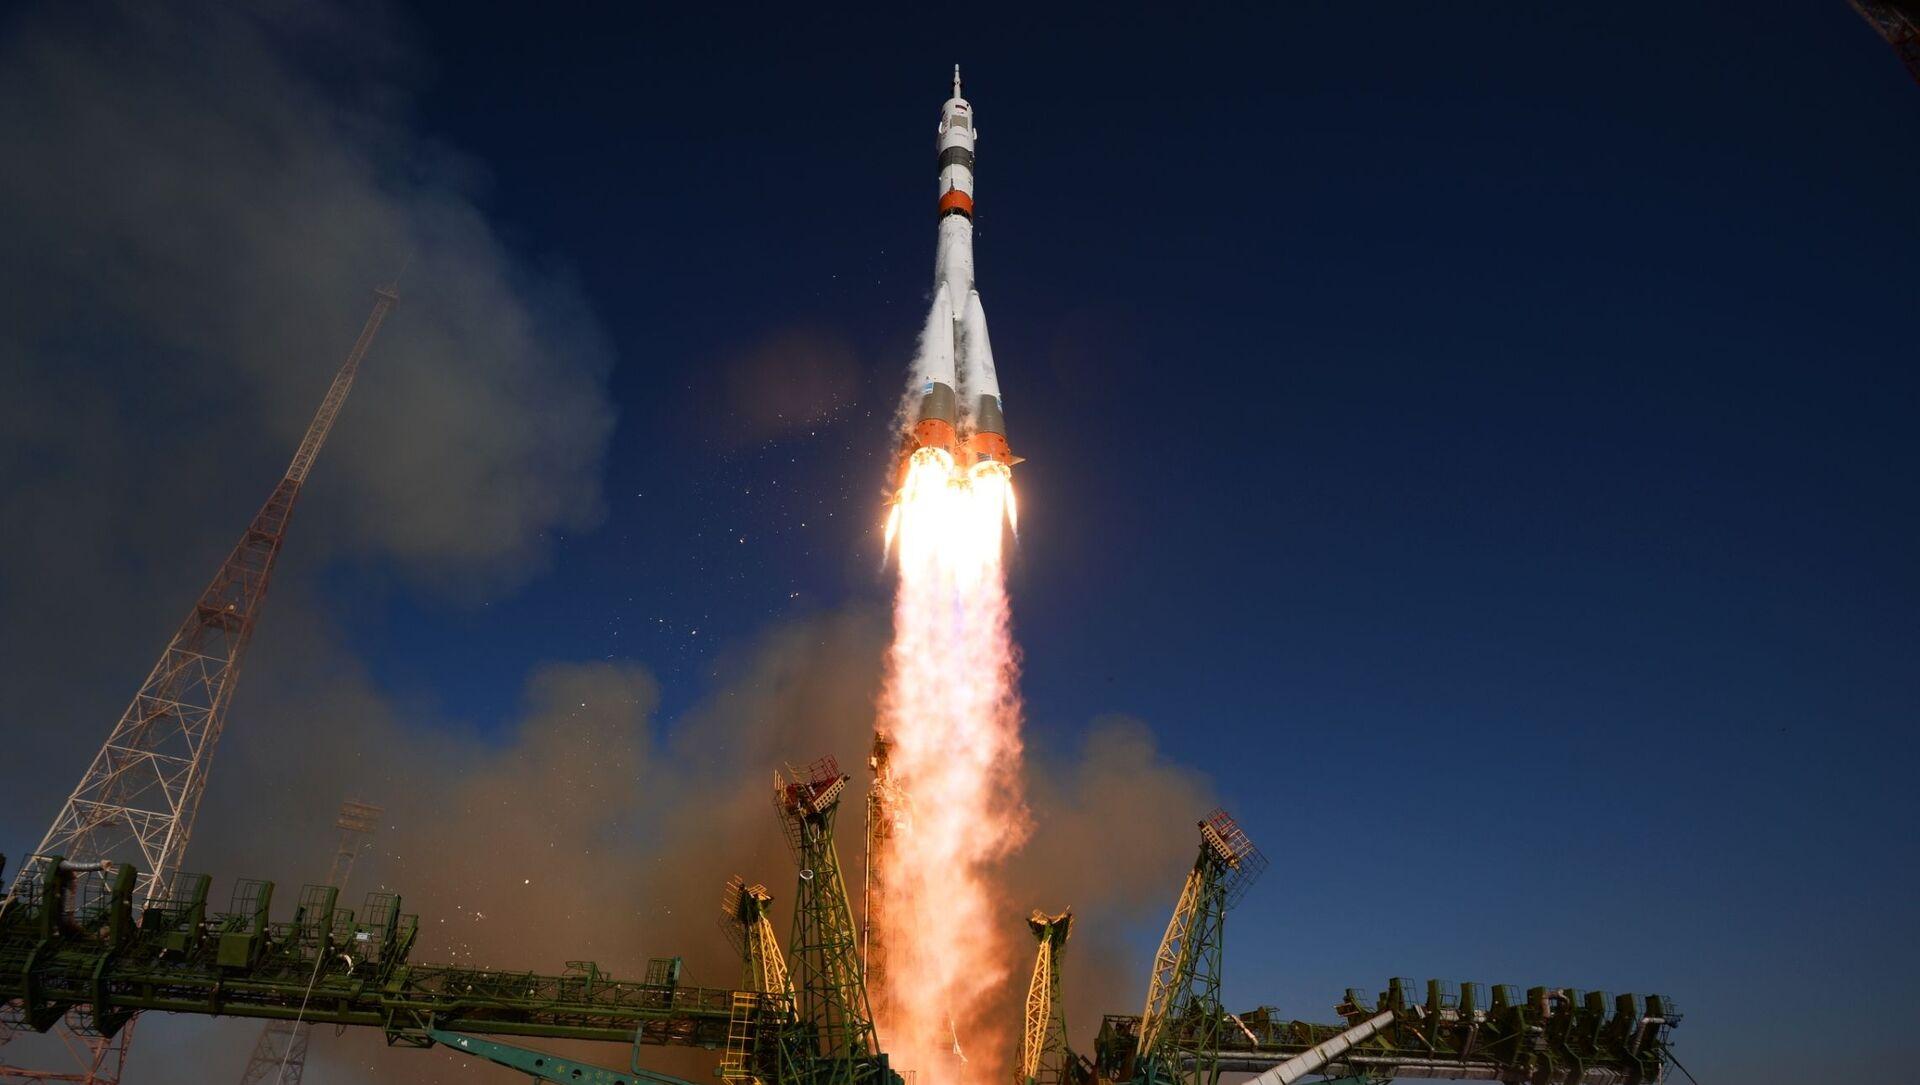 俳優陣と一緒にロシアの宇宙パイロットがISSに出発 宇宙で映画の撮影を予定 - Sputnik 日本, 1920, 05.10.2021